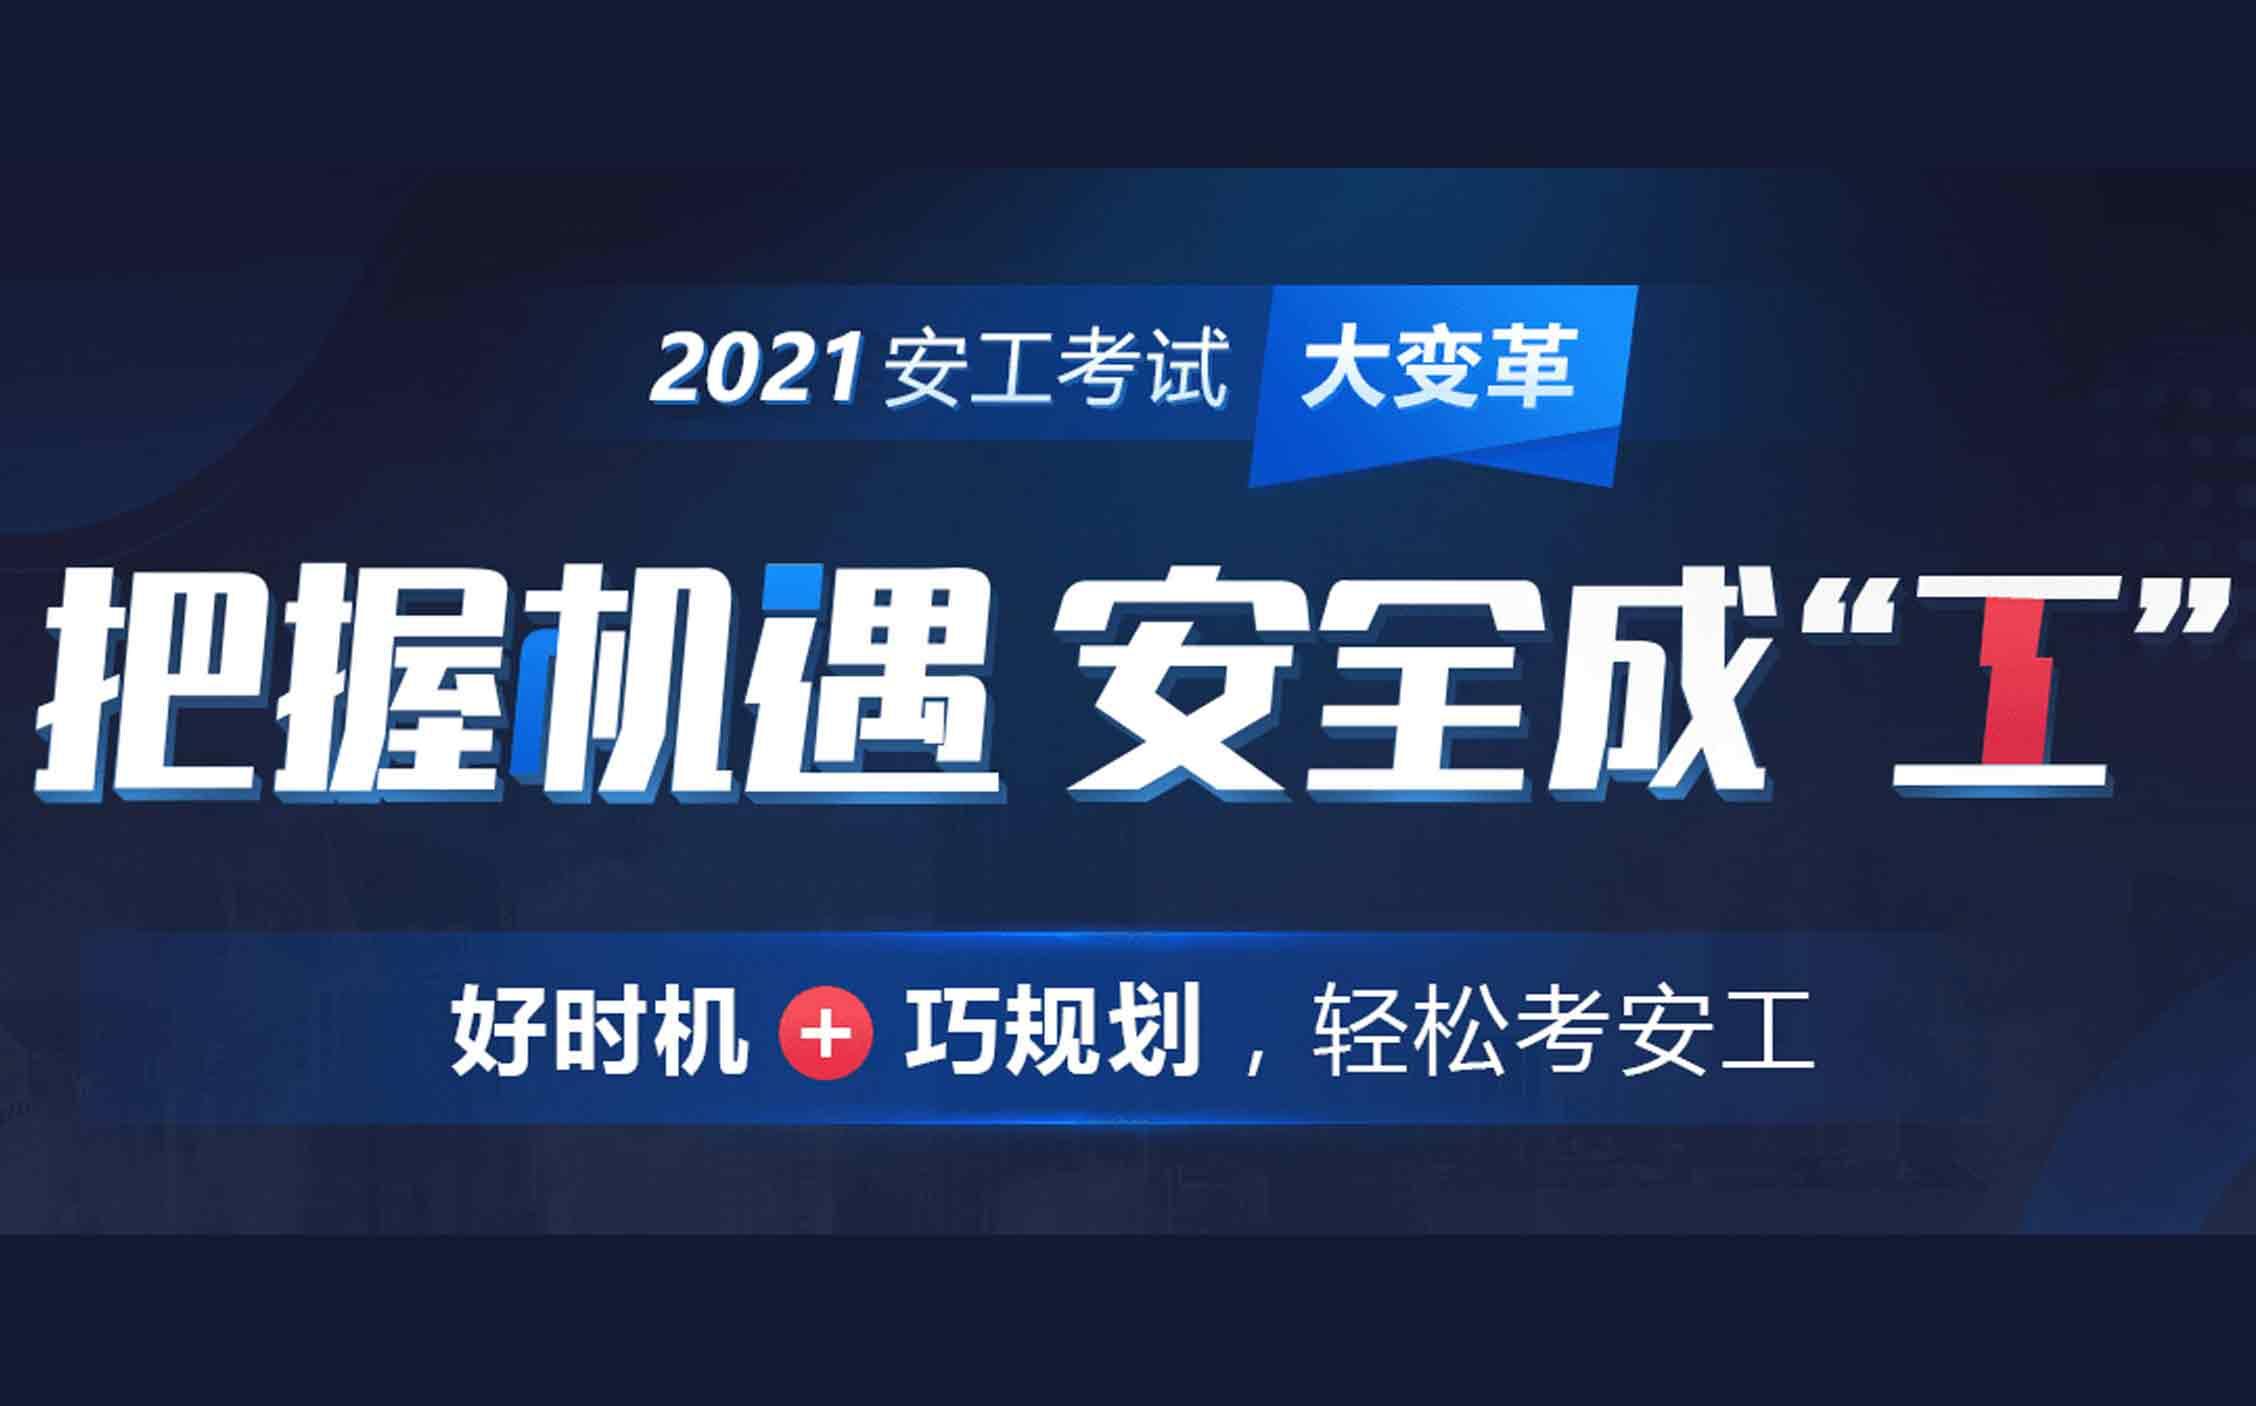 镇江2021安全工程师培训机构招生简章